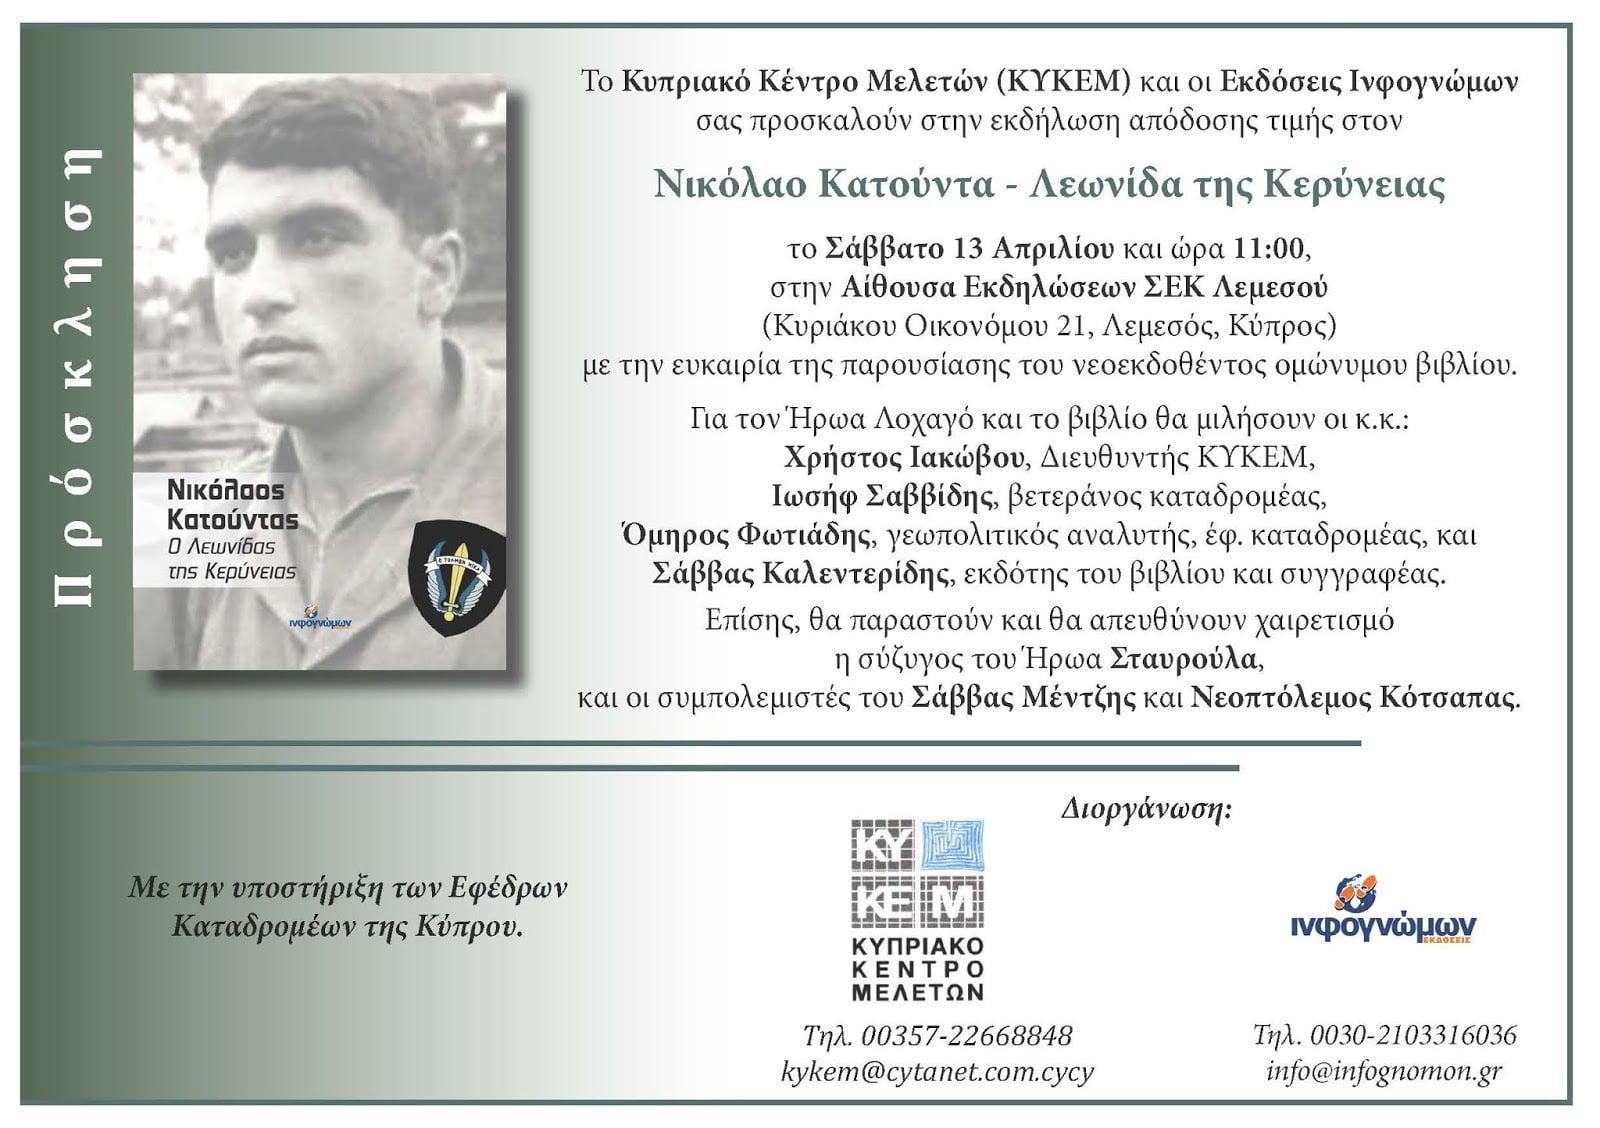 """Πρόσκληση στην παρουσίαση του βιβλίου """"Νικόλαος Κατούντας – Ο Λεωνίδας της Κερύνειας"""" που θα γίνει στην Πάφο τις 12 Απριλίου 2019"""